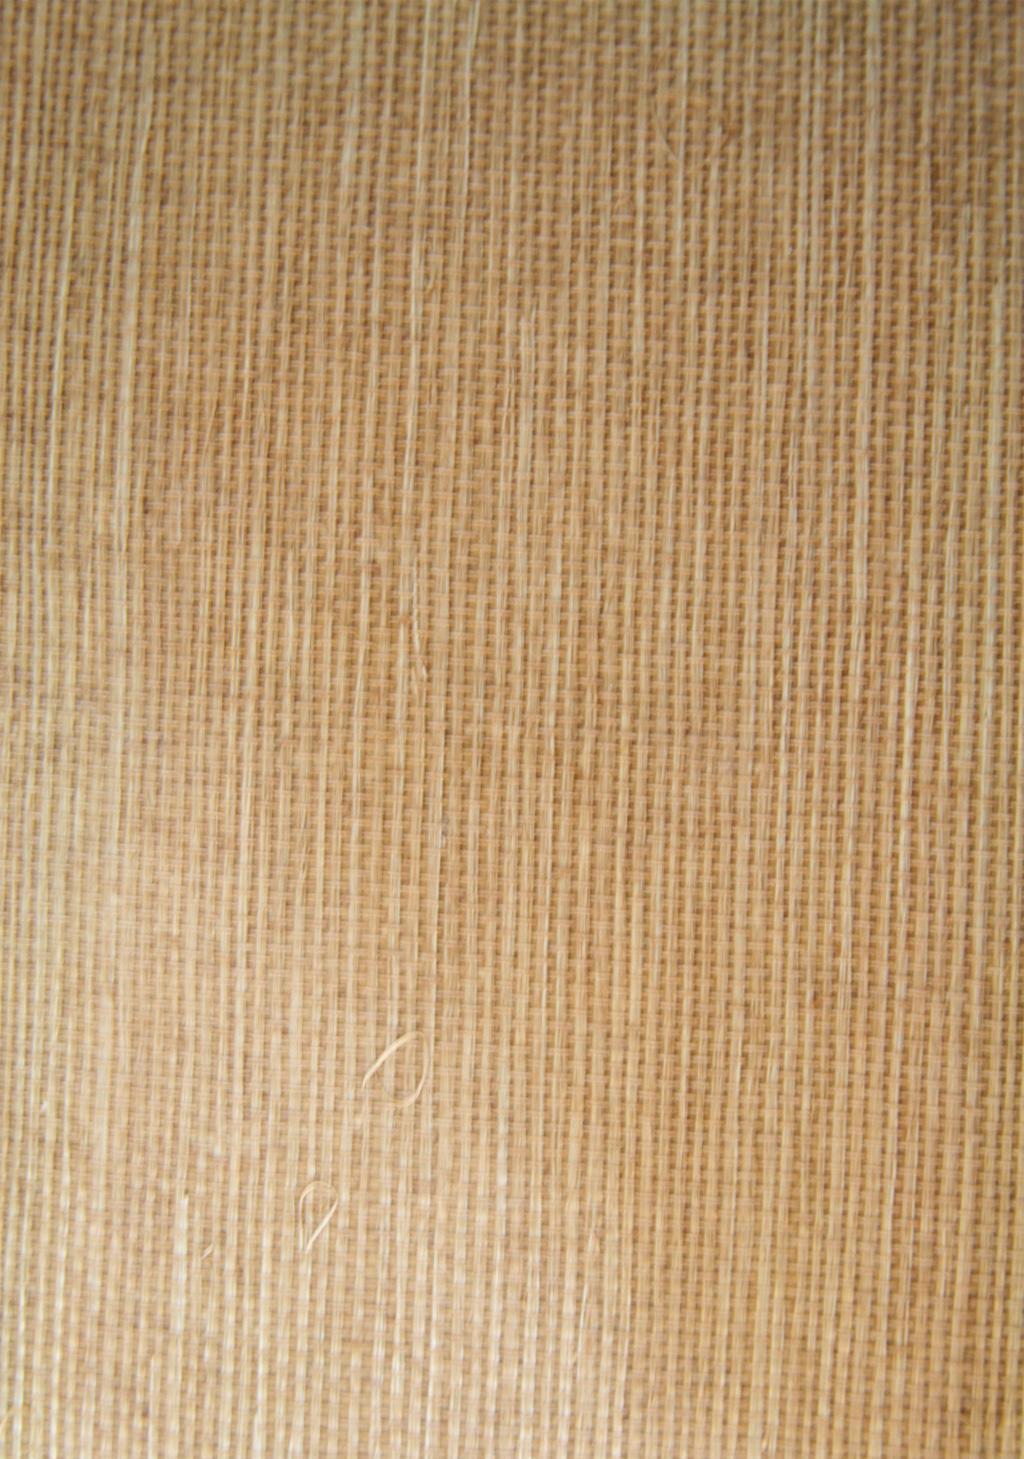 豪美迪壁纸新时尚系列-456-4456-4